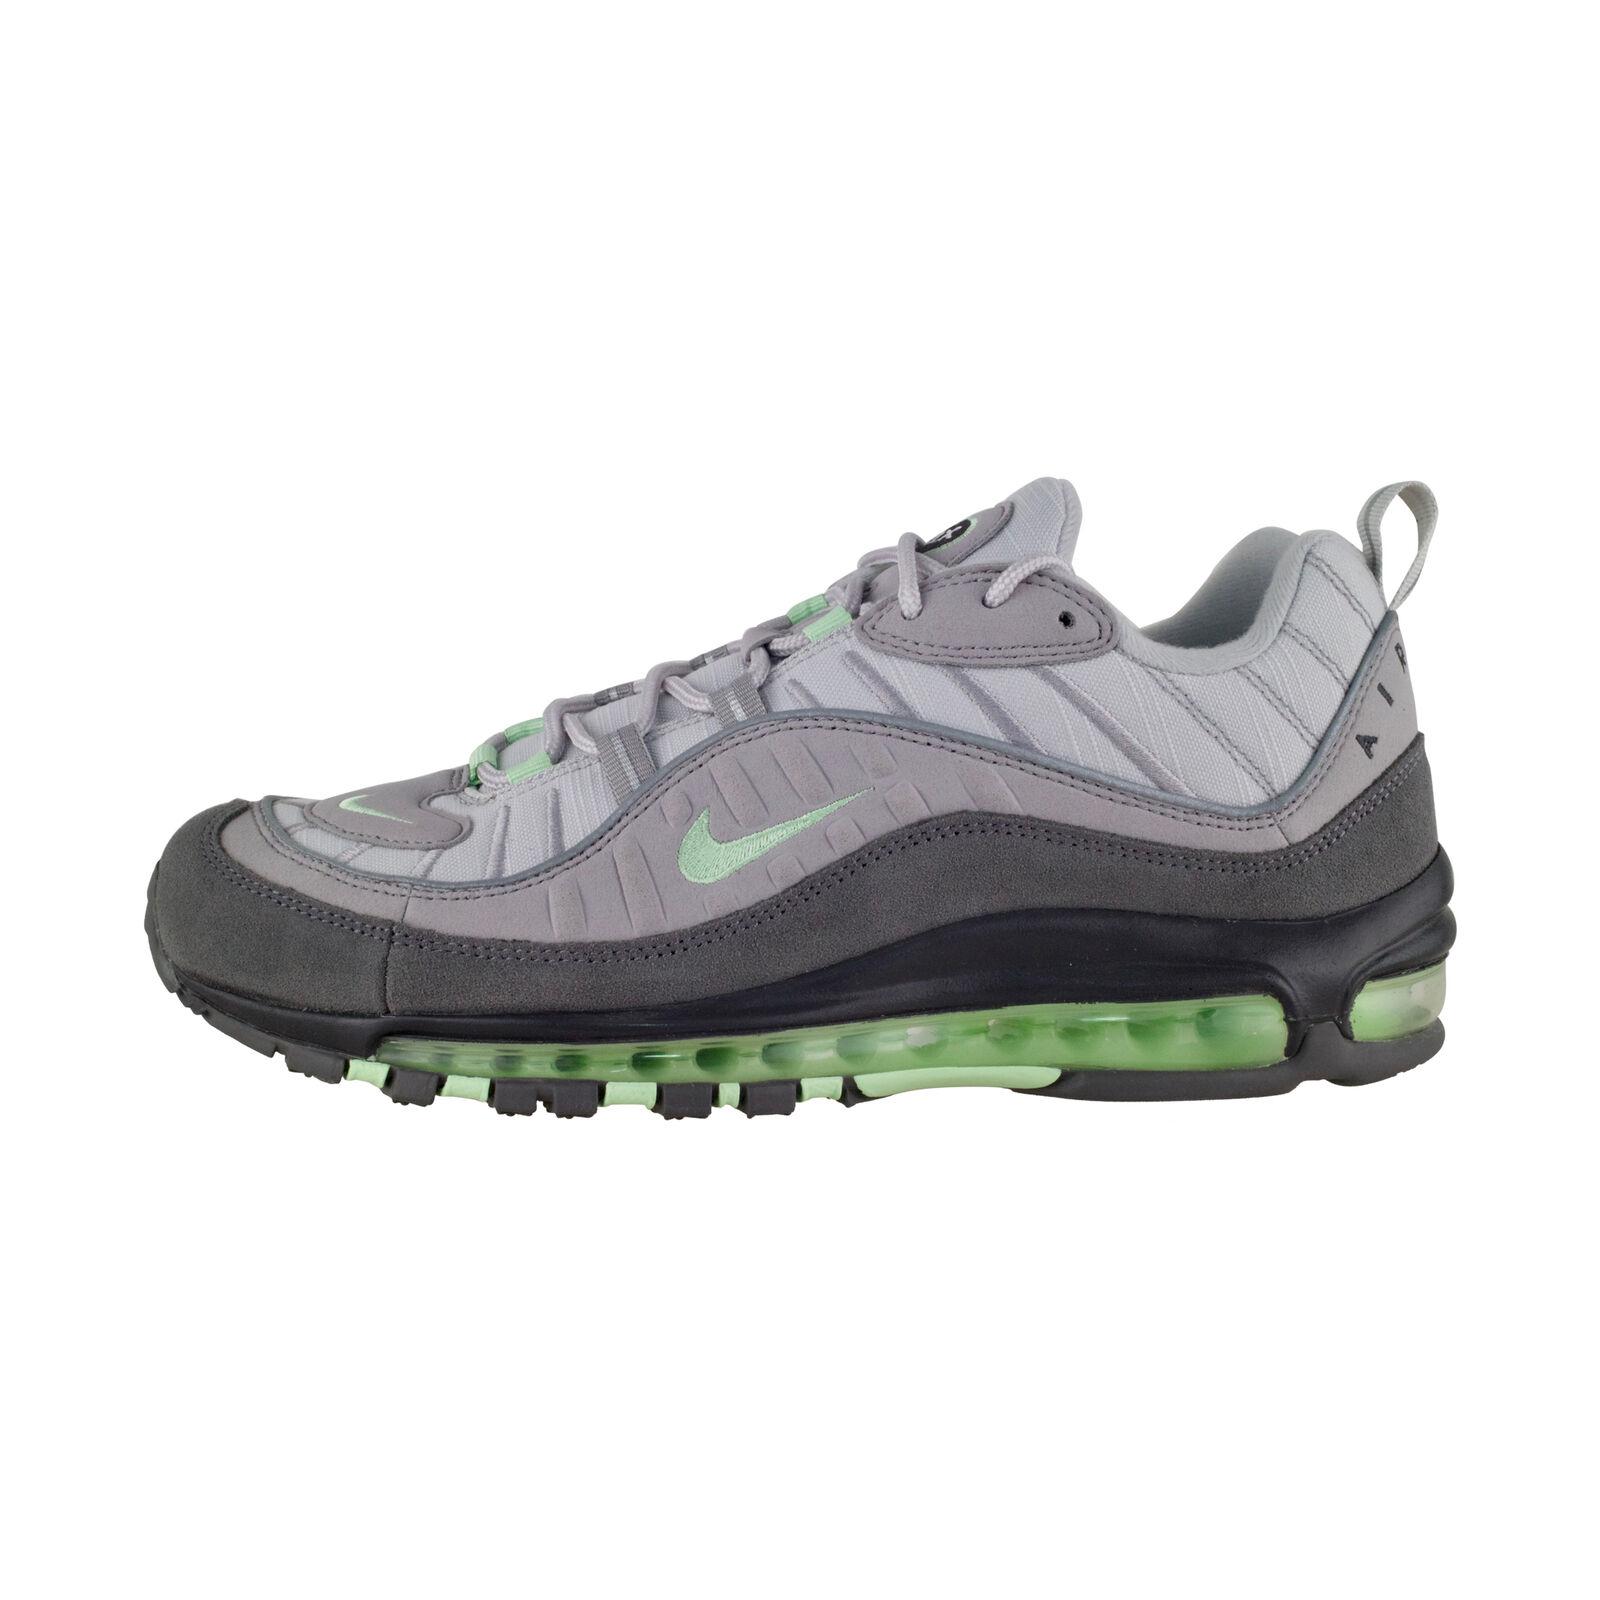 Détails sur Nike Air Max 98 GrisVert Baskets Hommes 640744 011